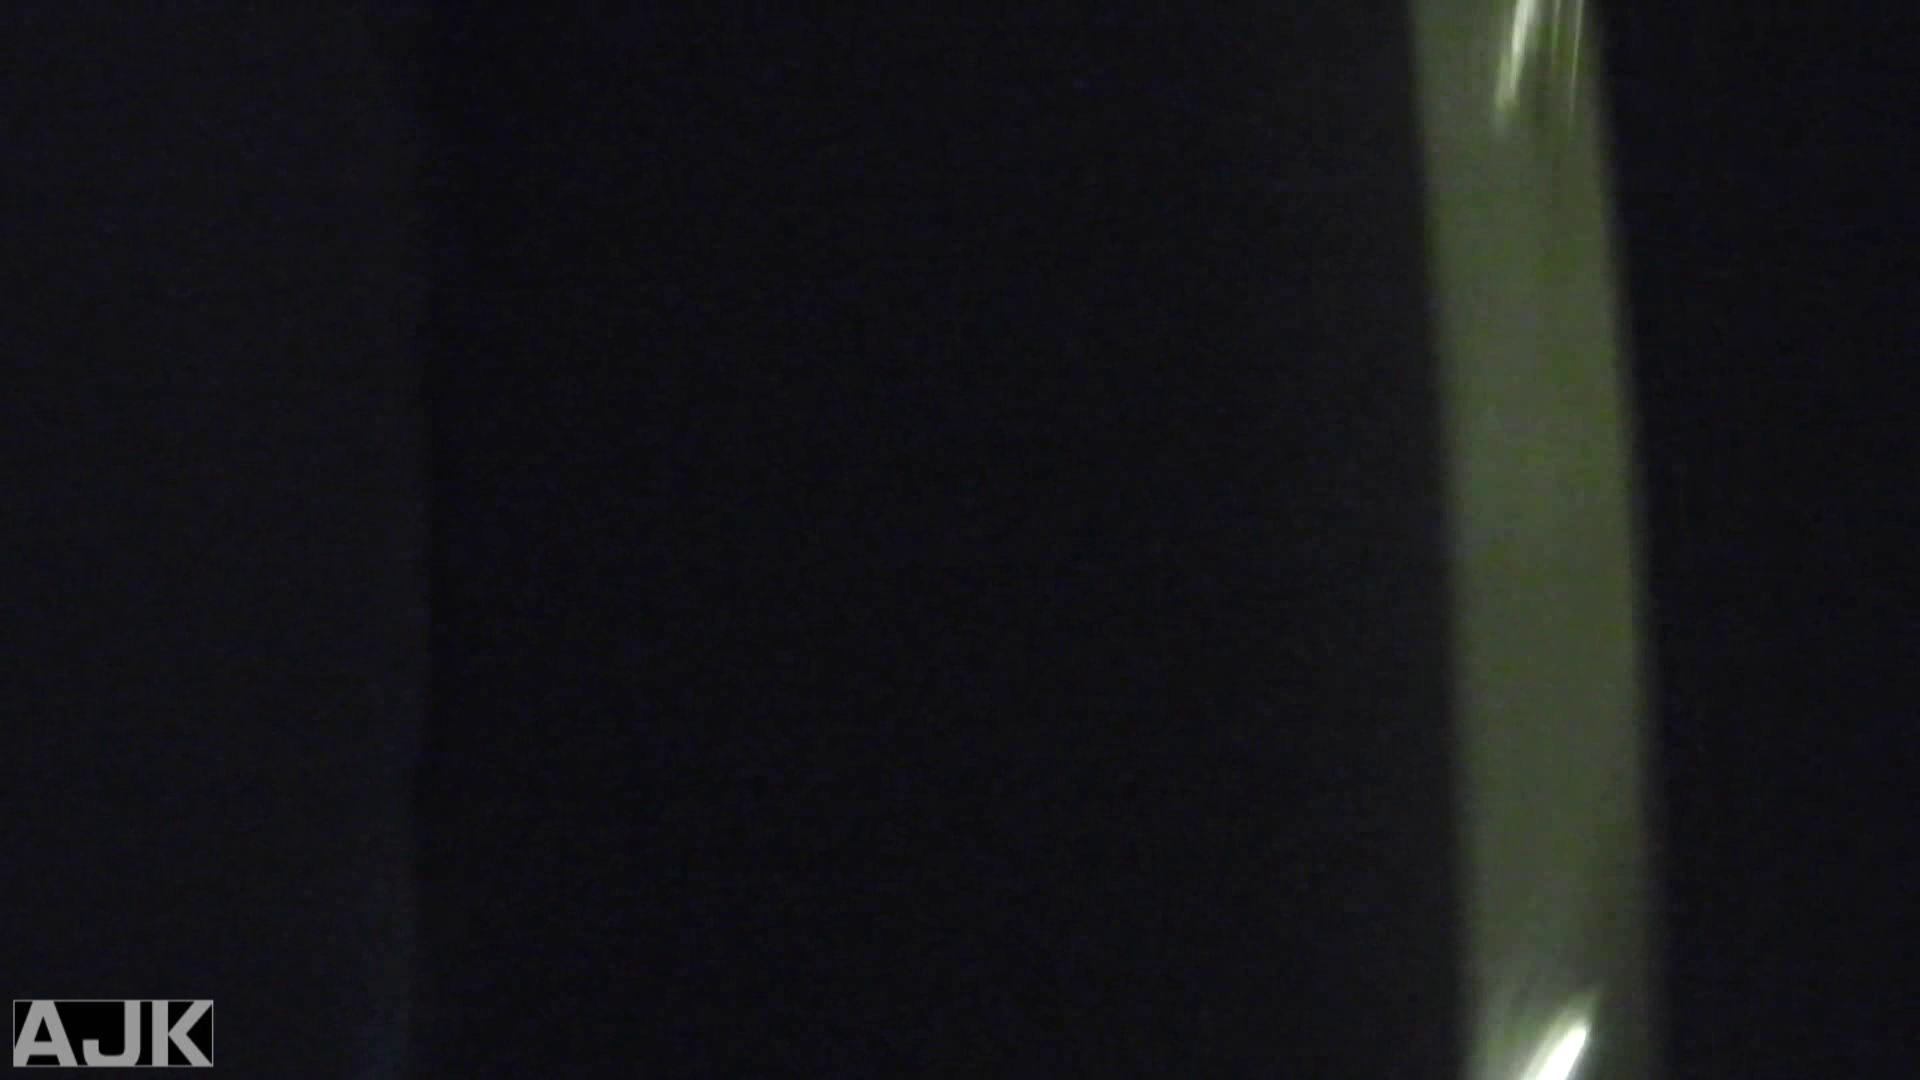 隣国上階級エリアの令嬢たちが集うデパートお手洗い Vol.21 お手洗い  91pic 1